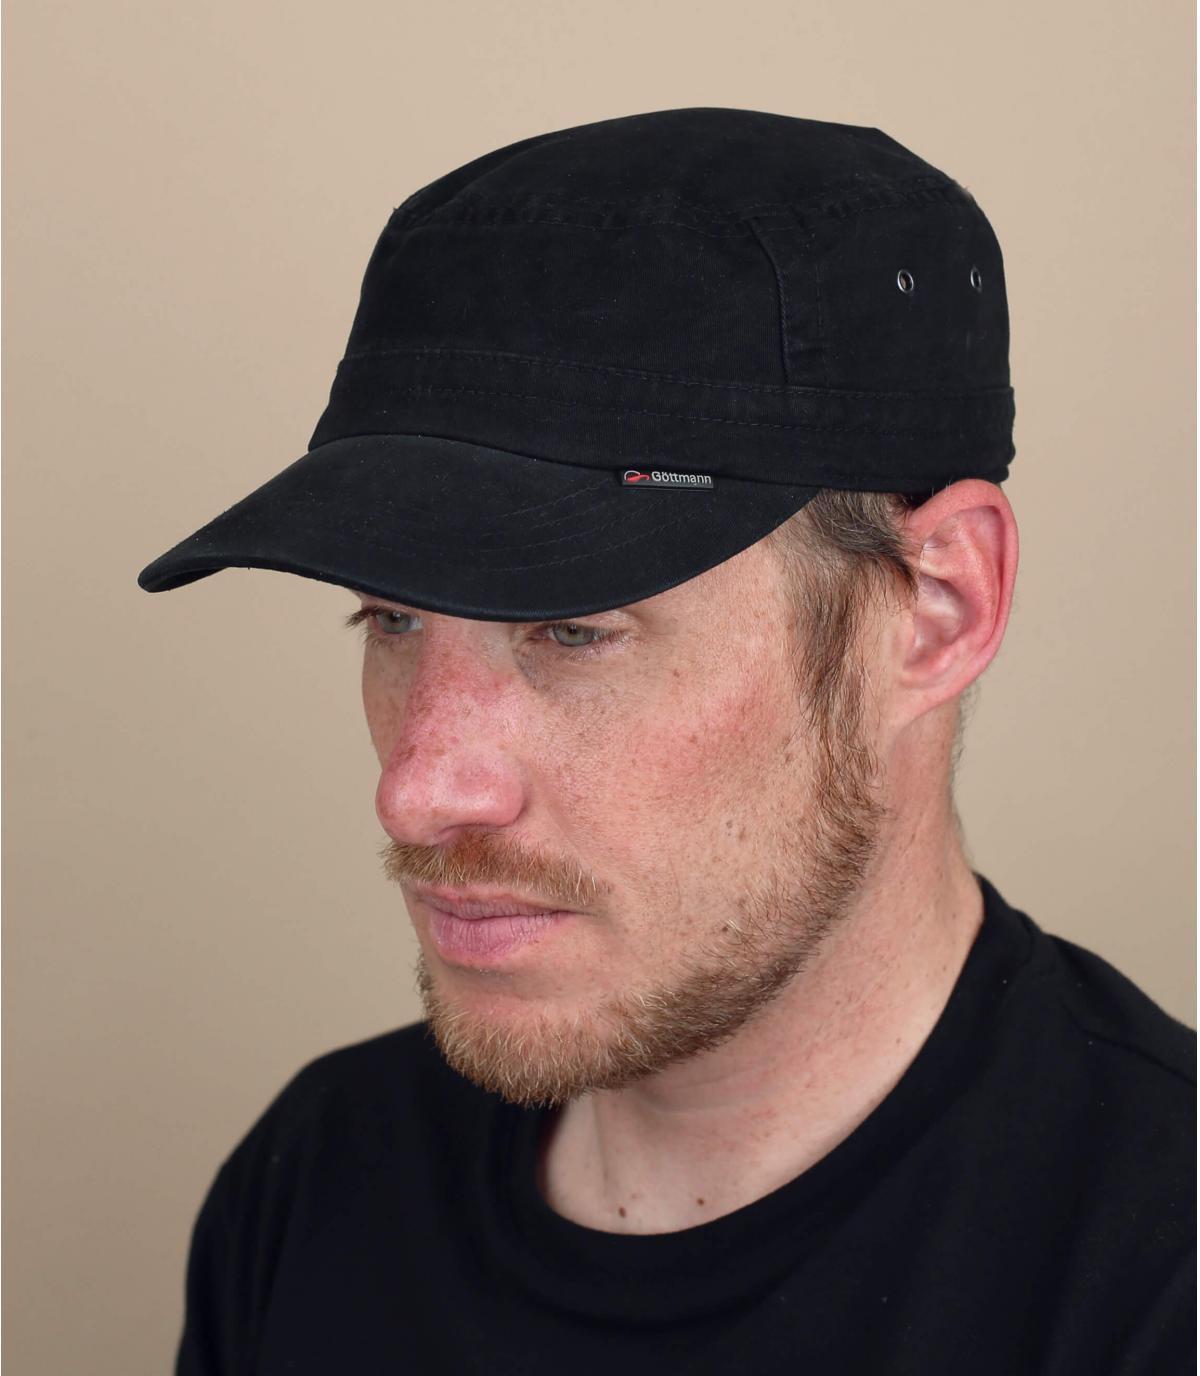 cappellino militare nero